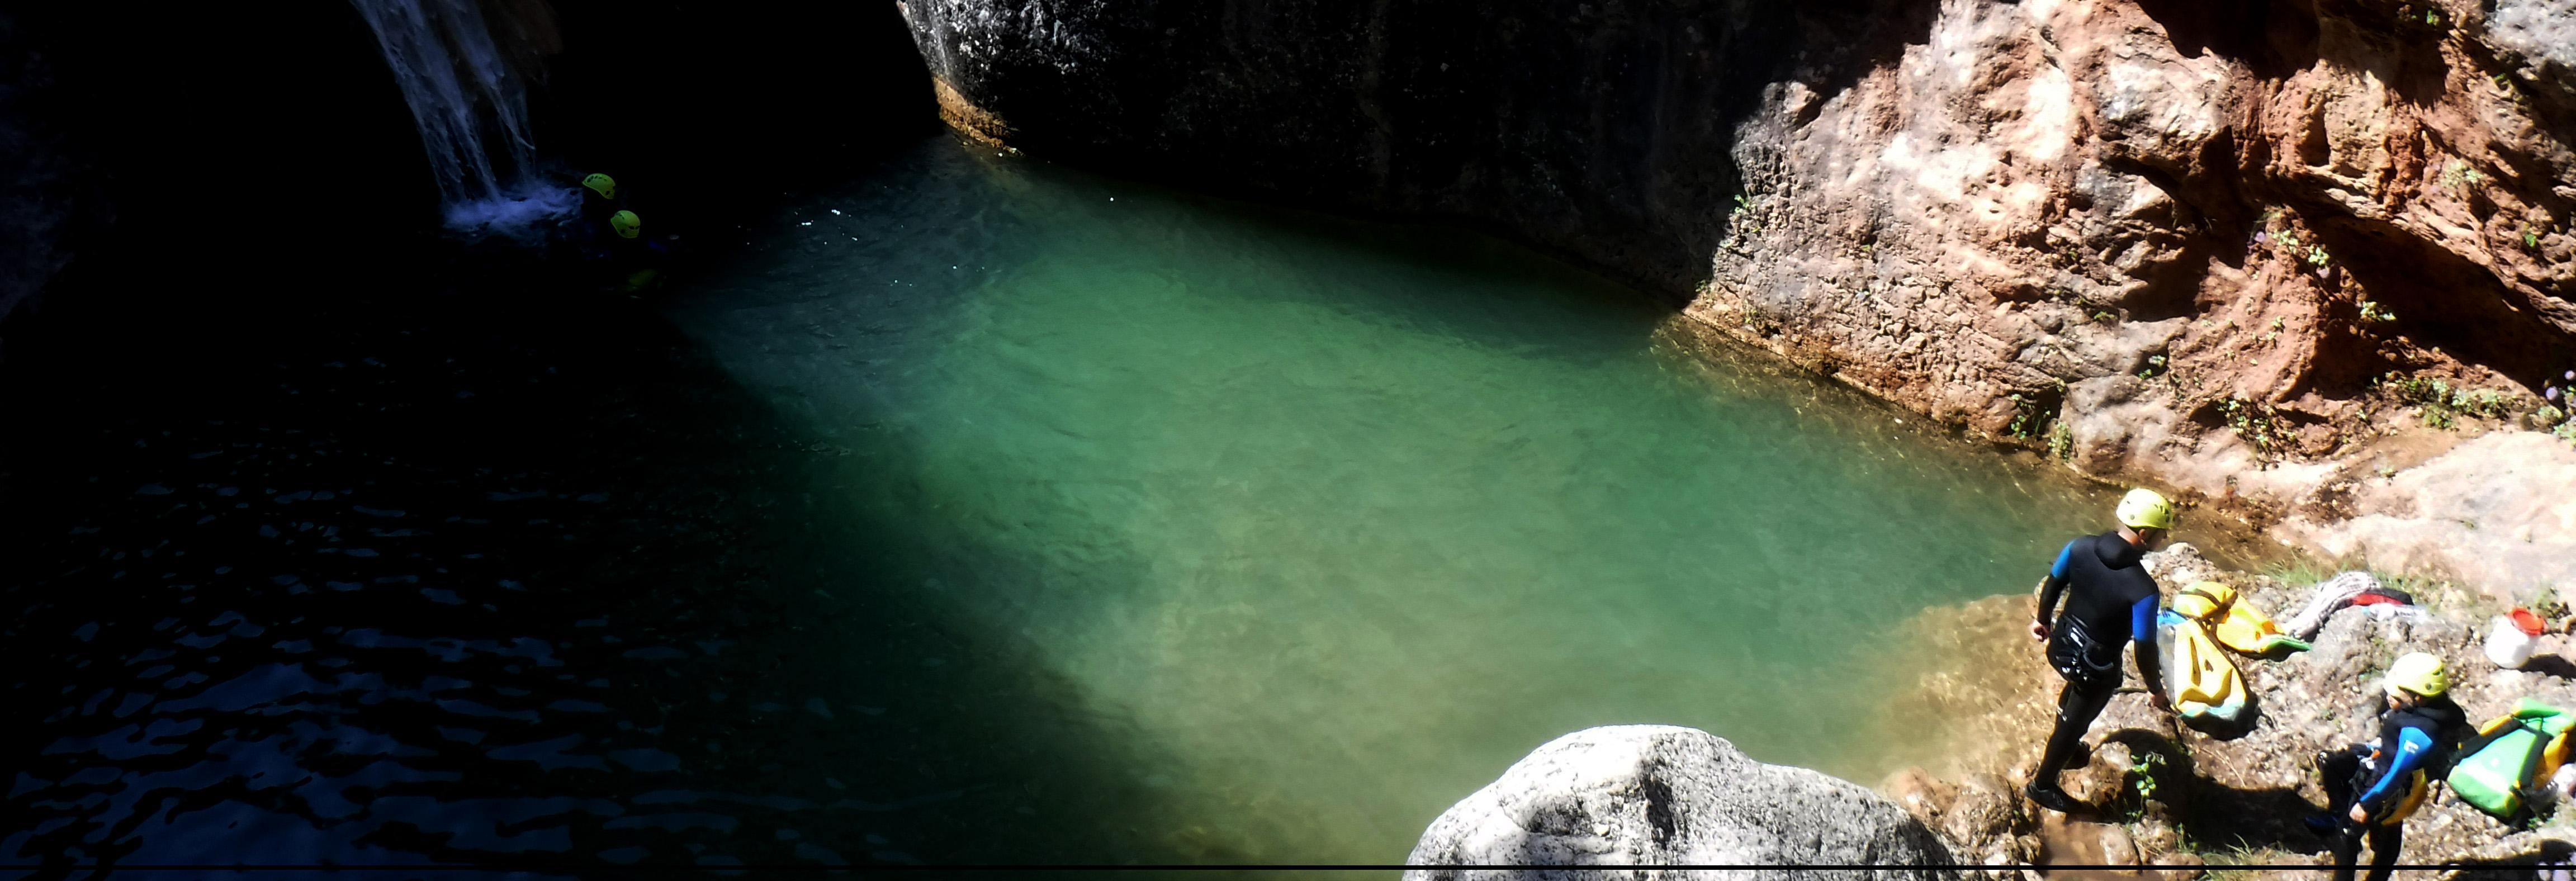 Canyon Prades (83fsdd)